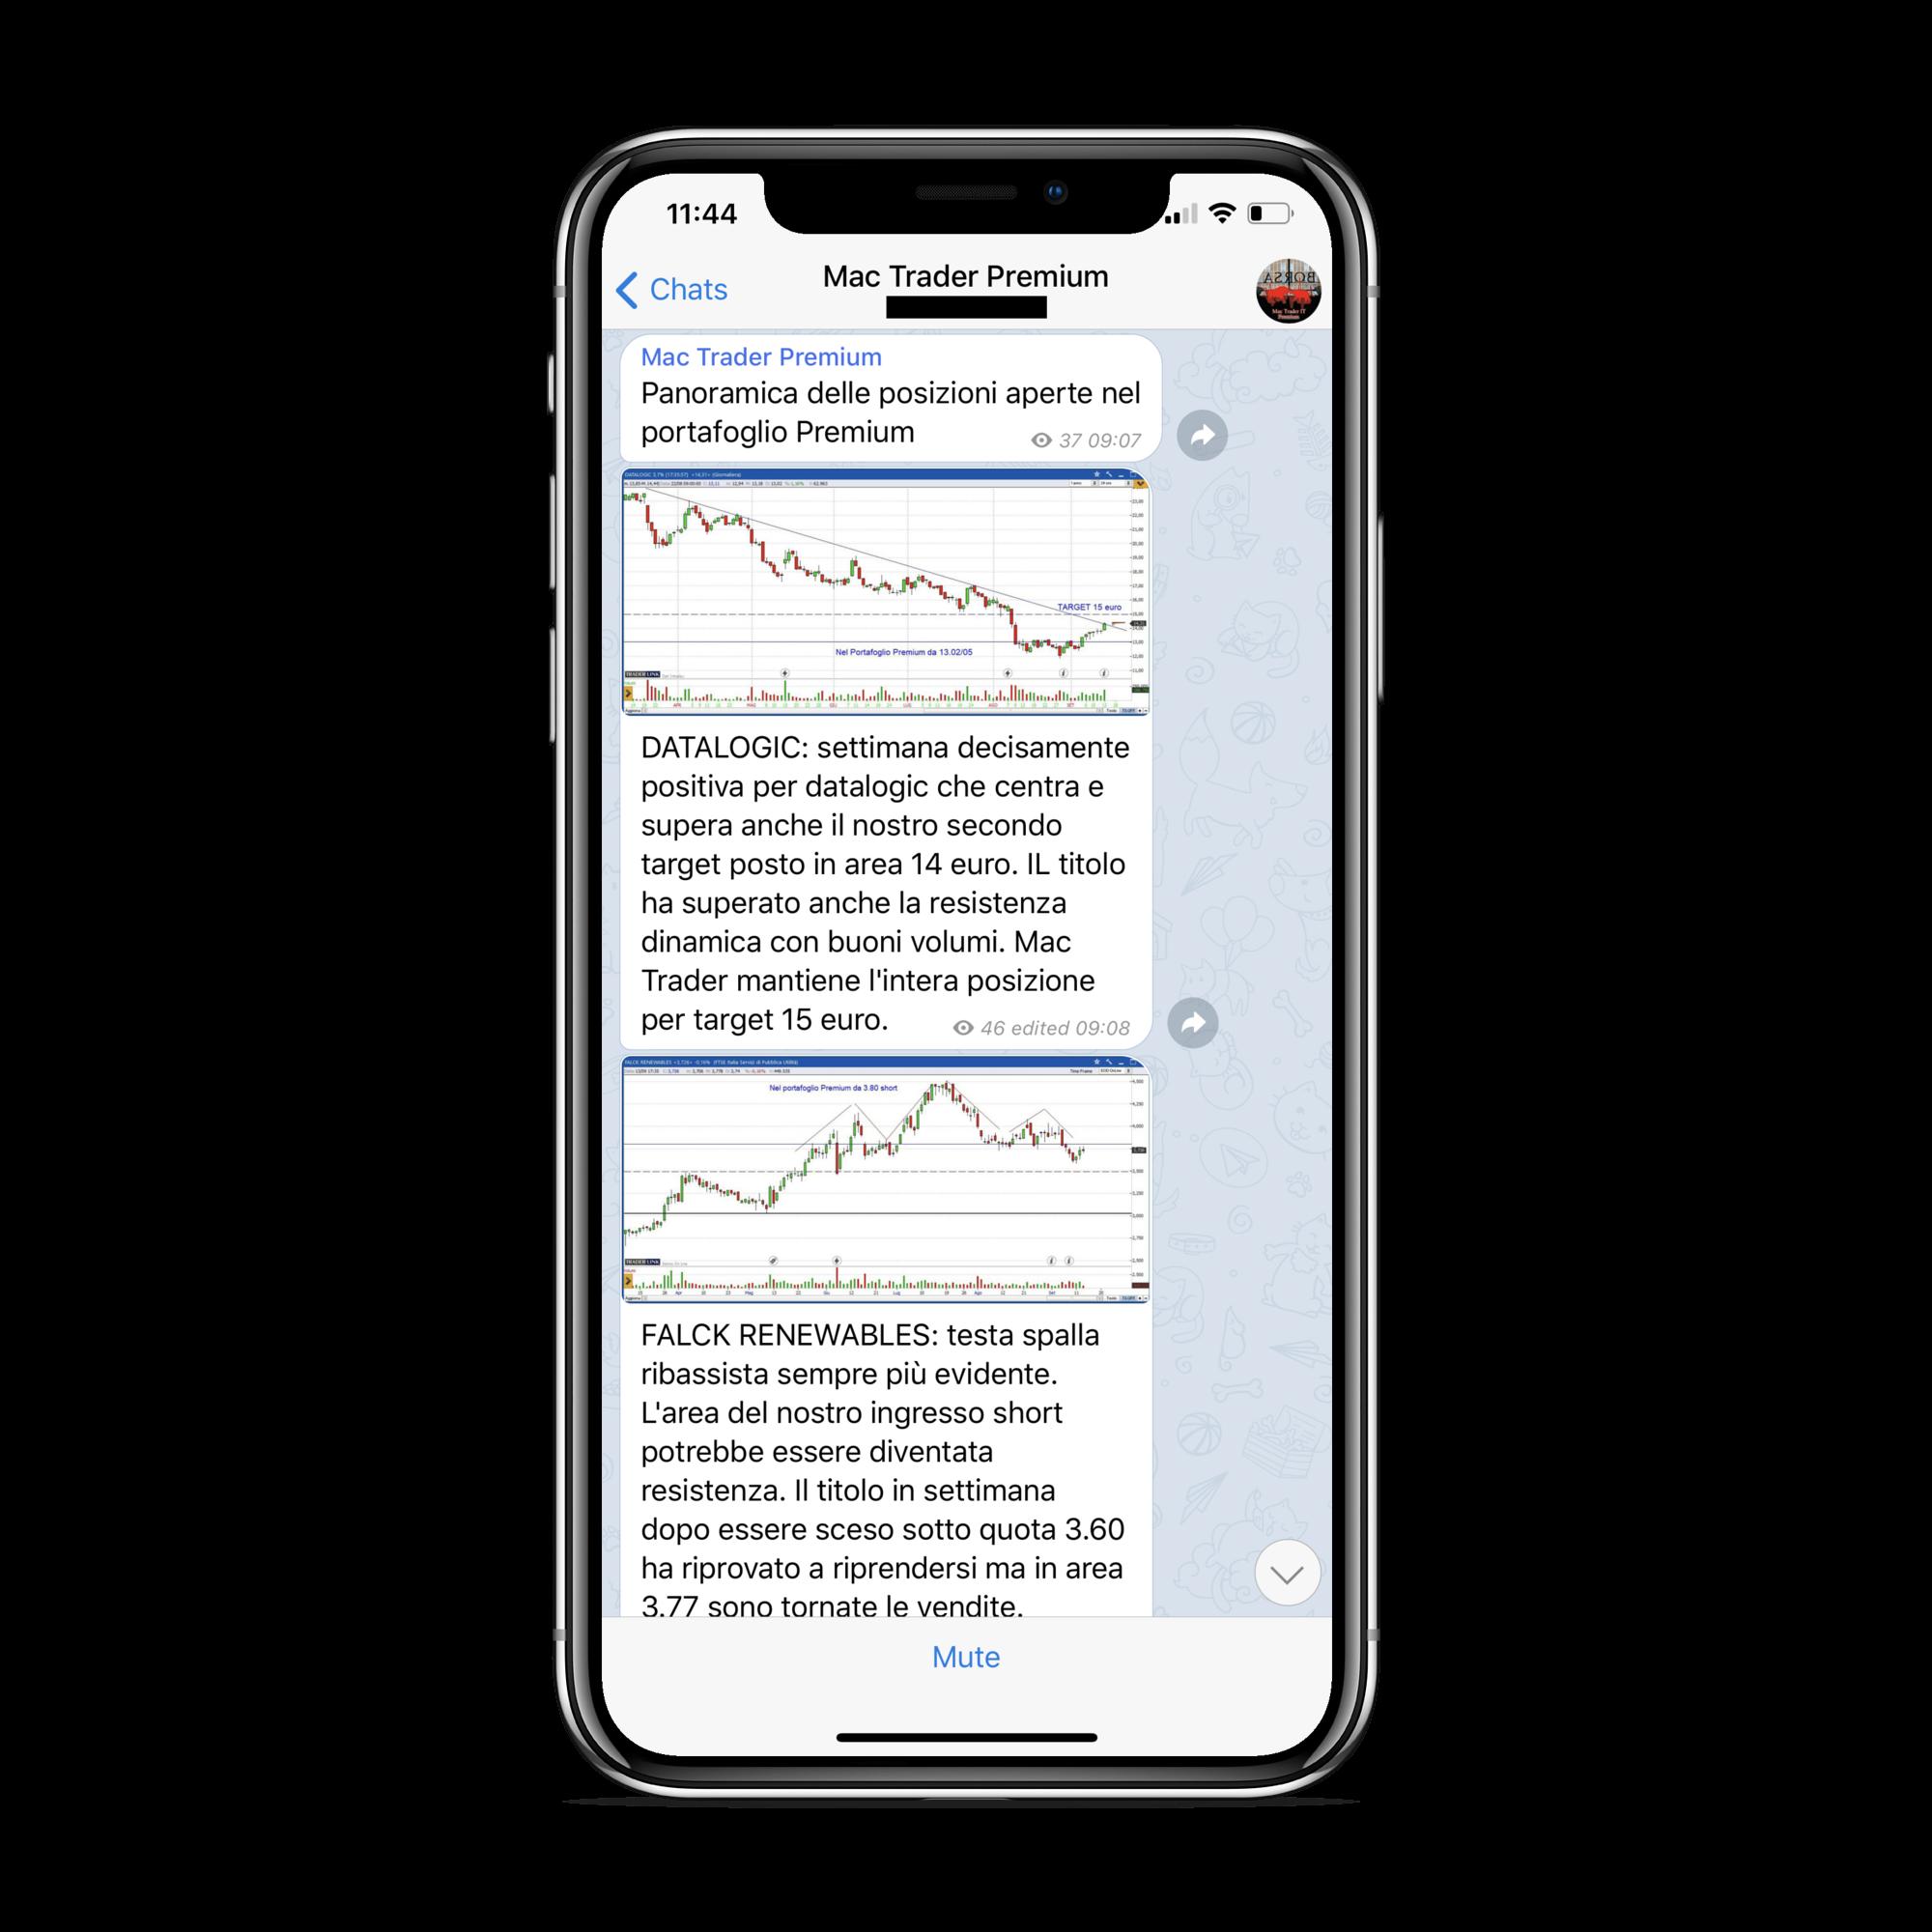 MAC Trader Premium Panoramica Screenshot